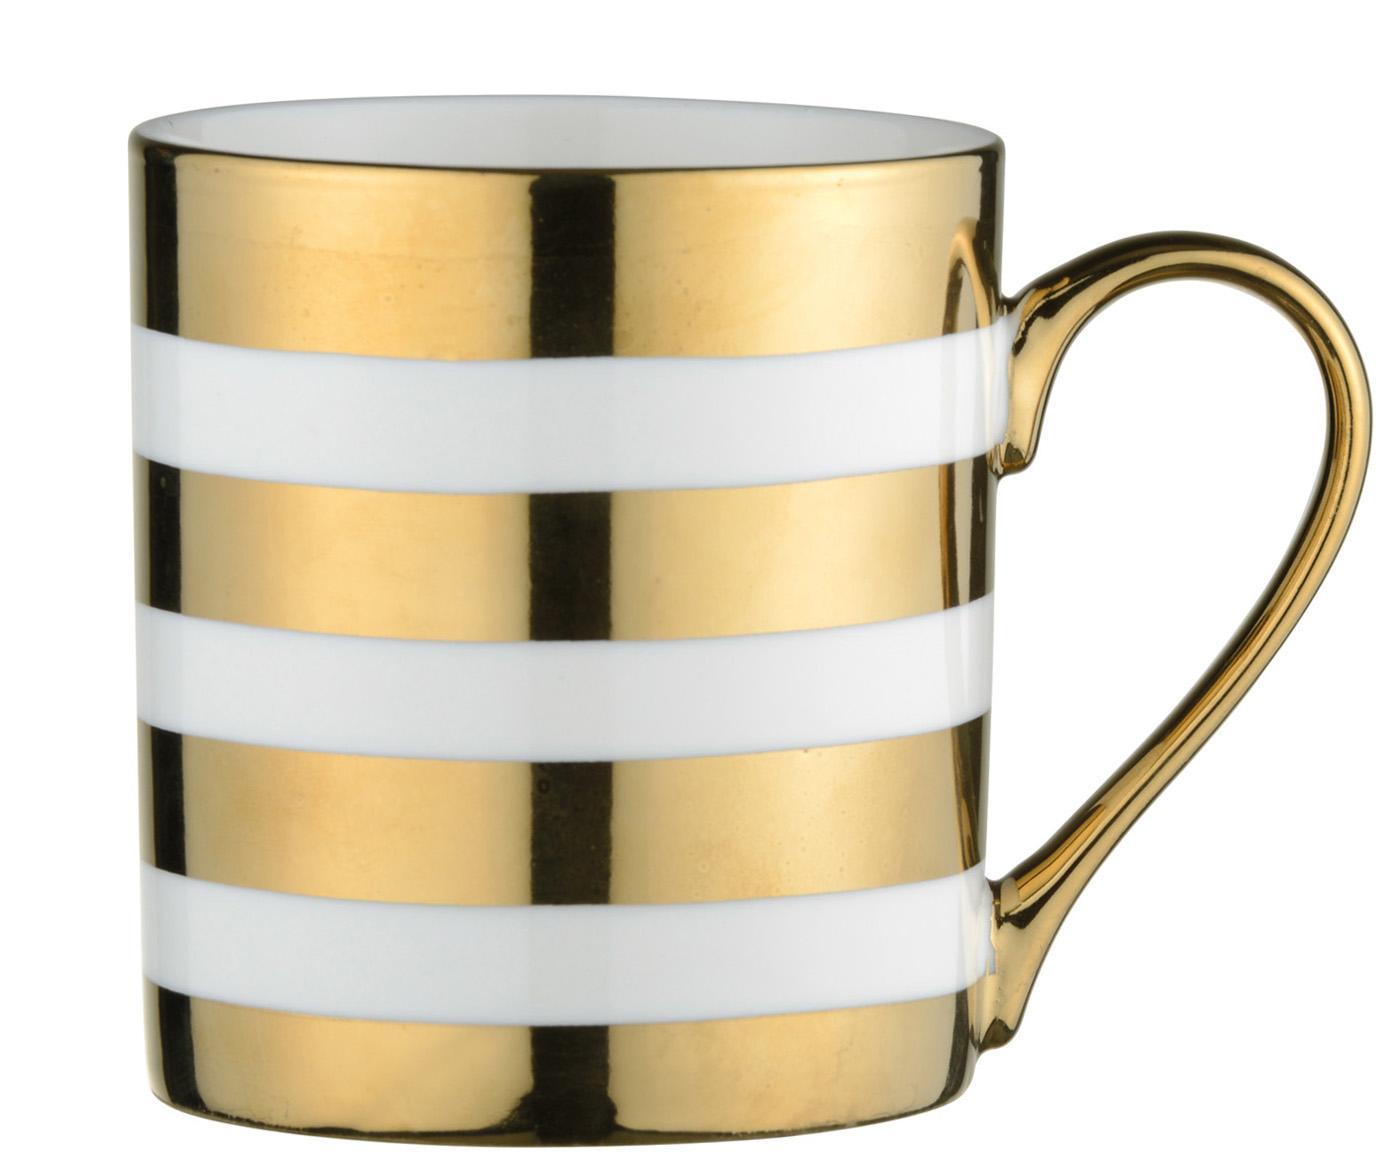 Tassen Stripes mit goldenem Dekor, 4 Stück, Porzellan, Weiß, Goldfarben, Ø 9 x H 10 cm